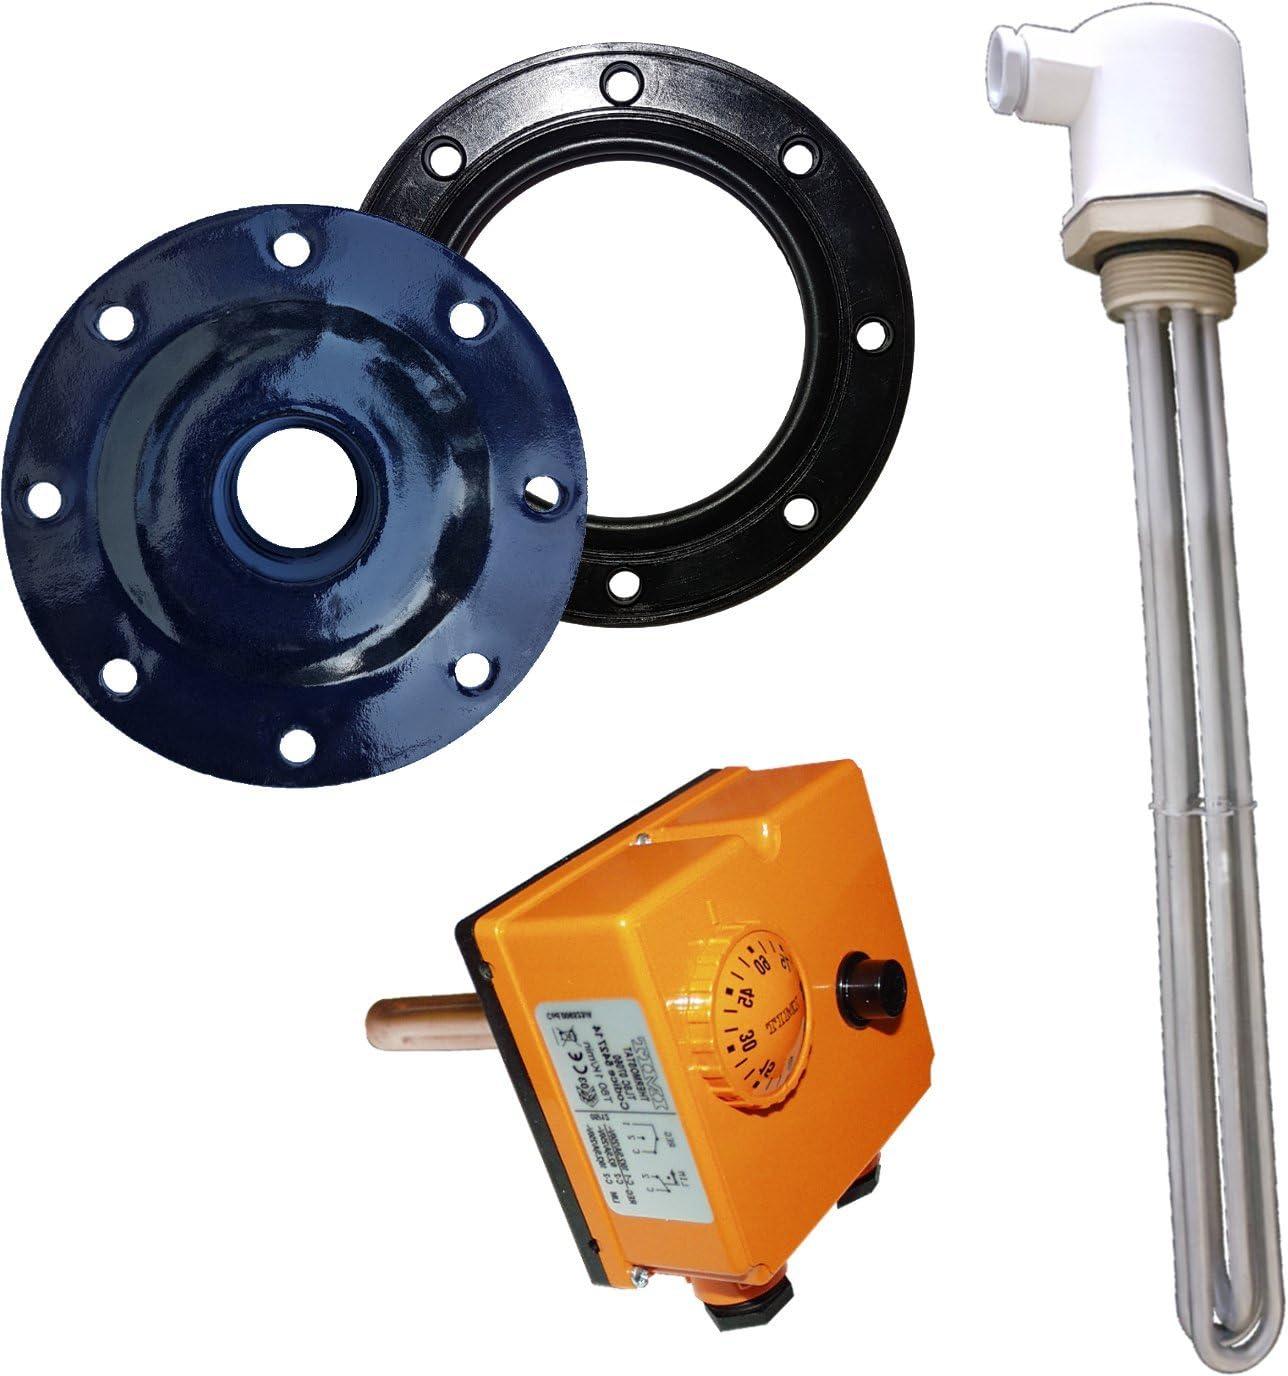 bis 500 Liter Flanschdeckel und Dichtung 6kW Elektroheizstabset Thermoregler - 6kW Heizelement 3 x 230V